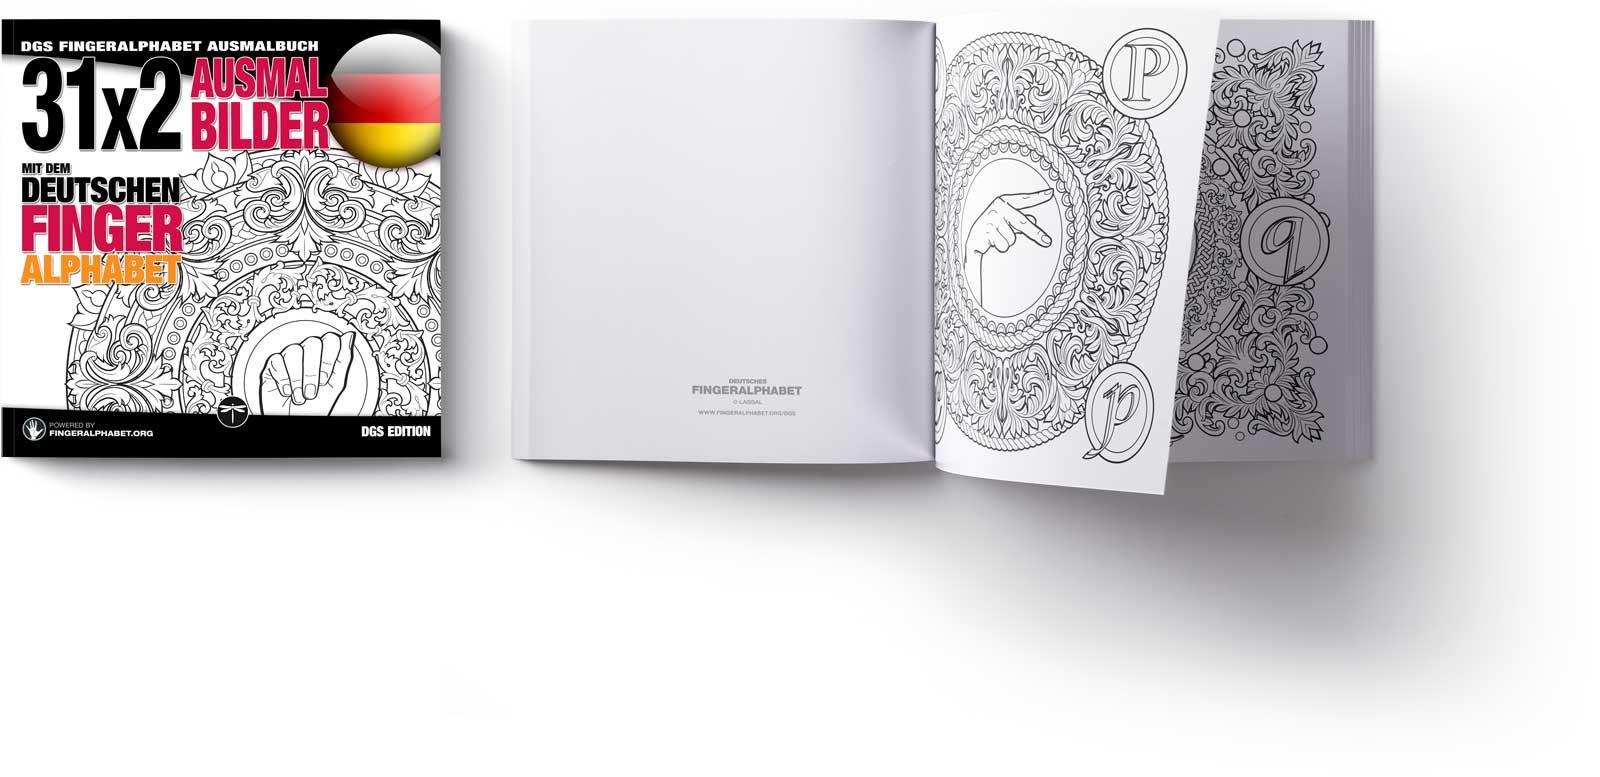 DGS Fingeralphabet Ausmalbuch